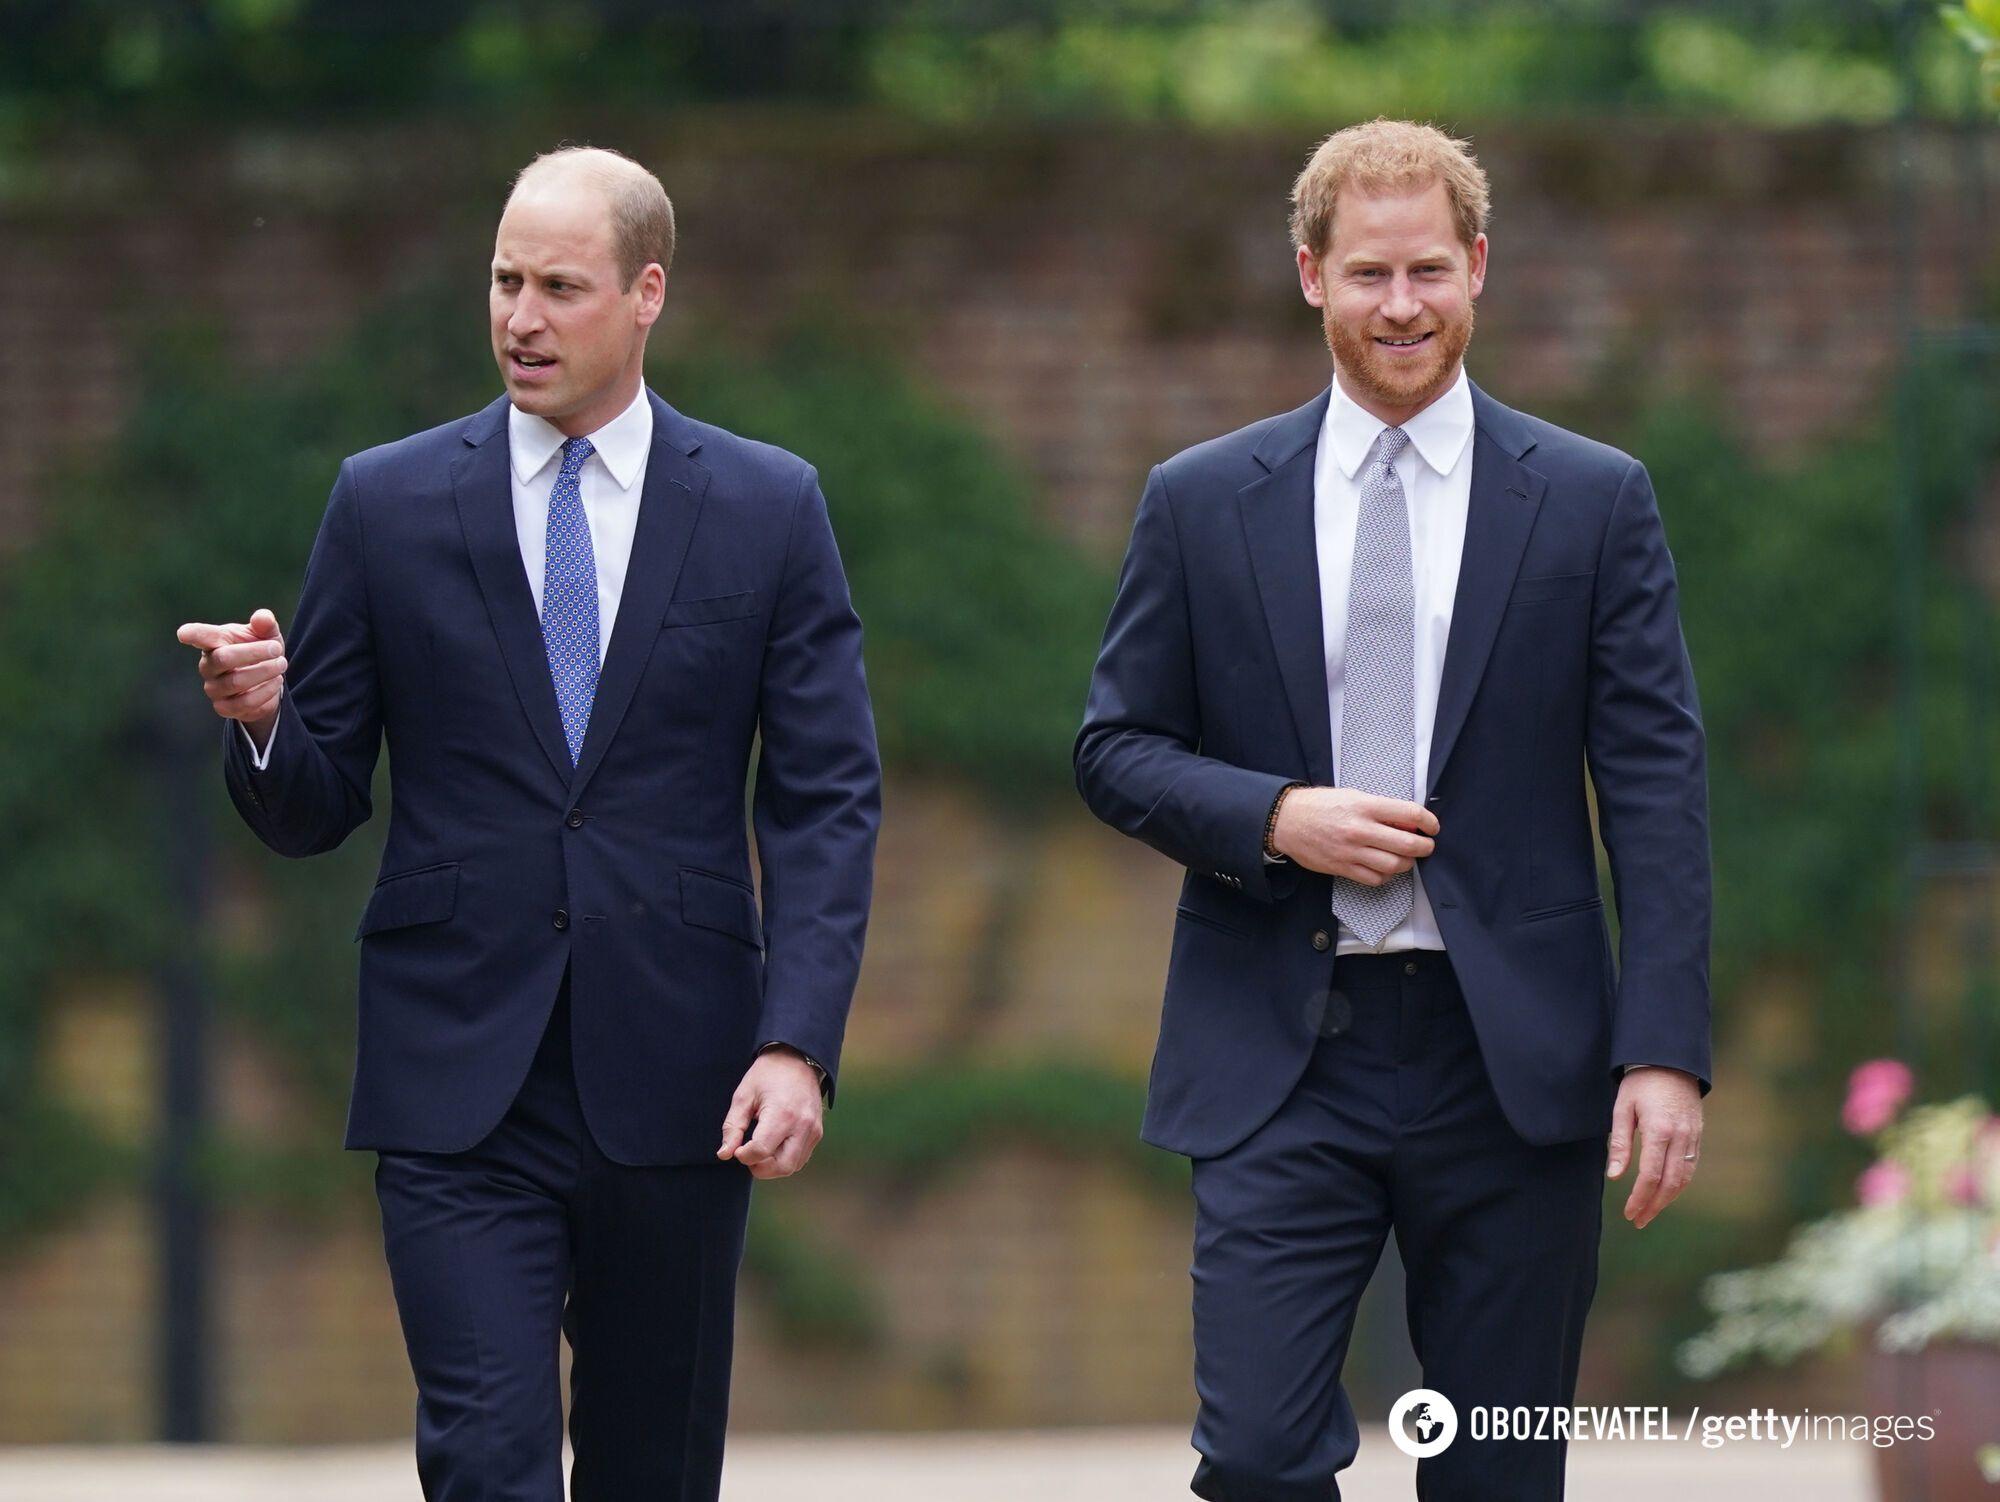 Принци Вільям і Гаррі зустрілися.